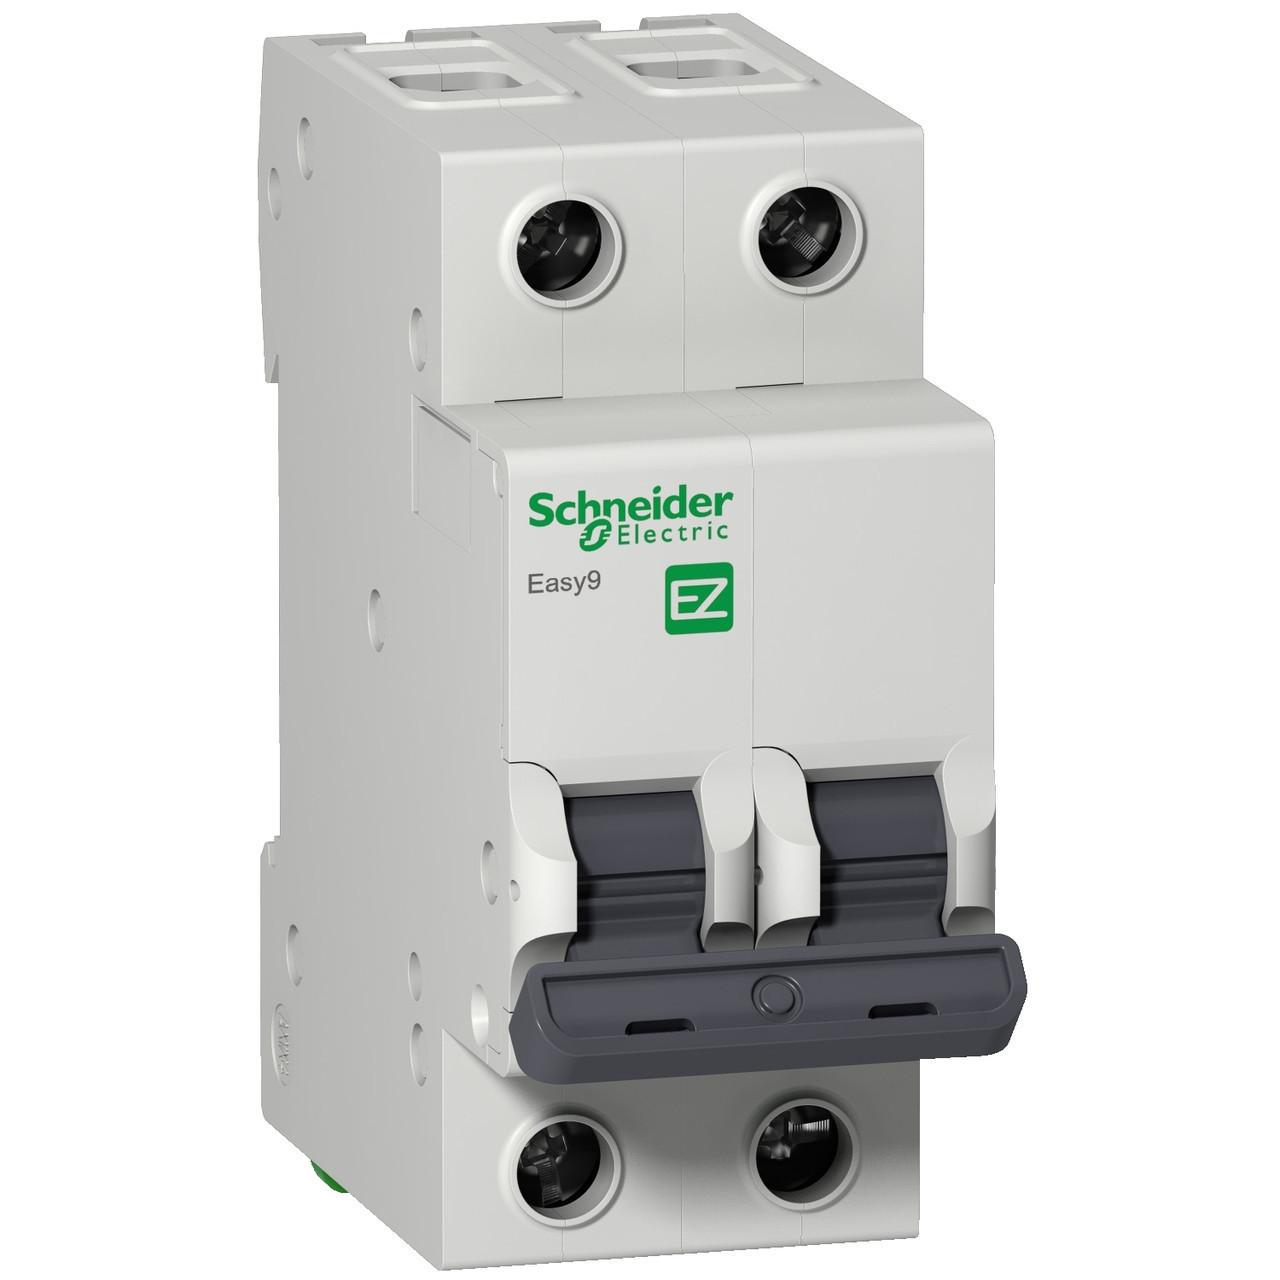 Автоматический выключатель EZ9F34220 Easy9 Schneider 2P, 20A, тип «С»